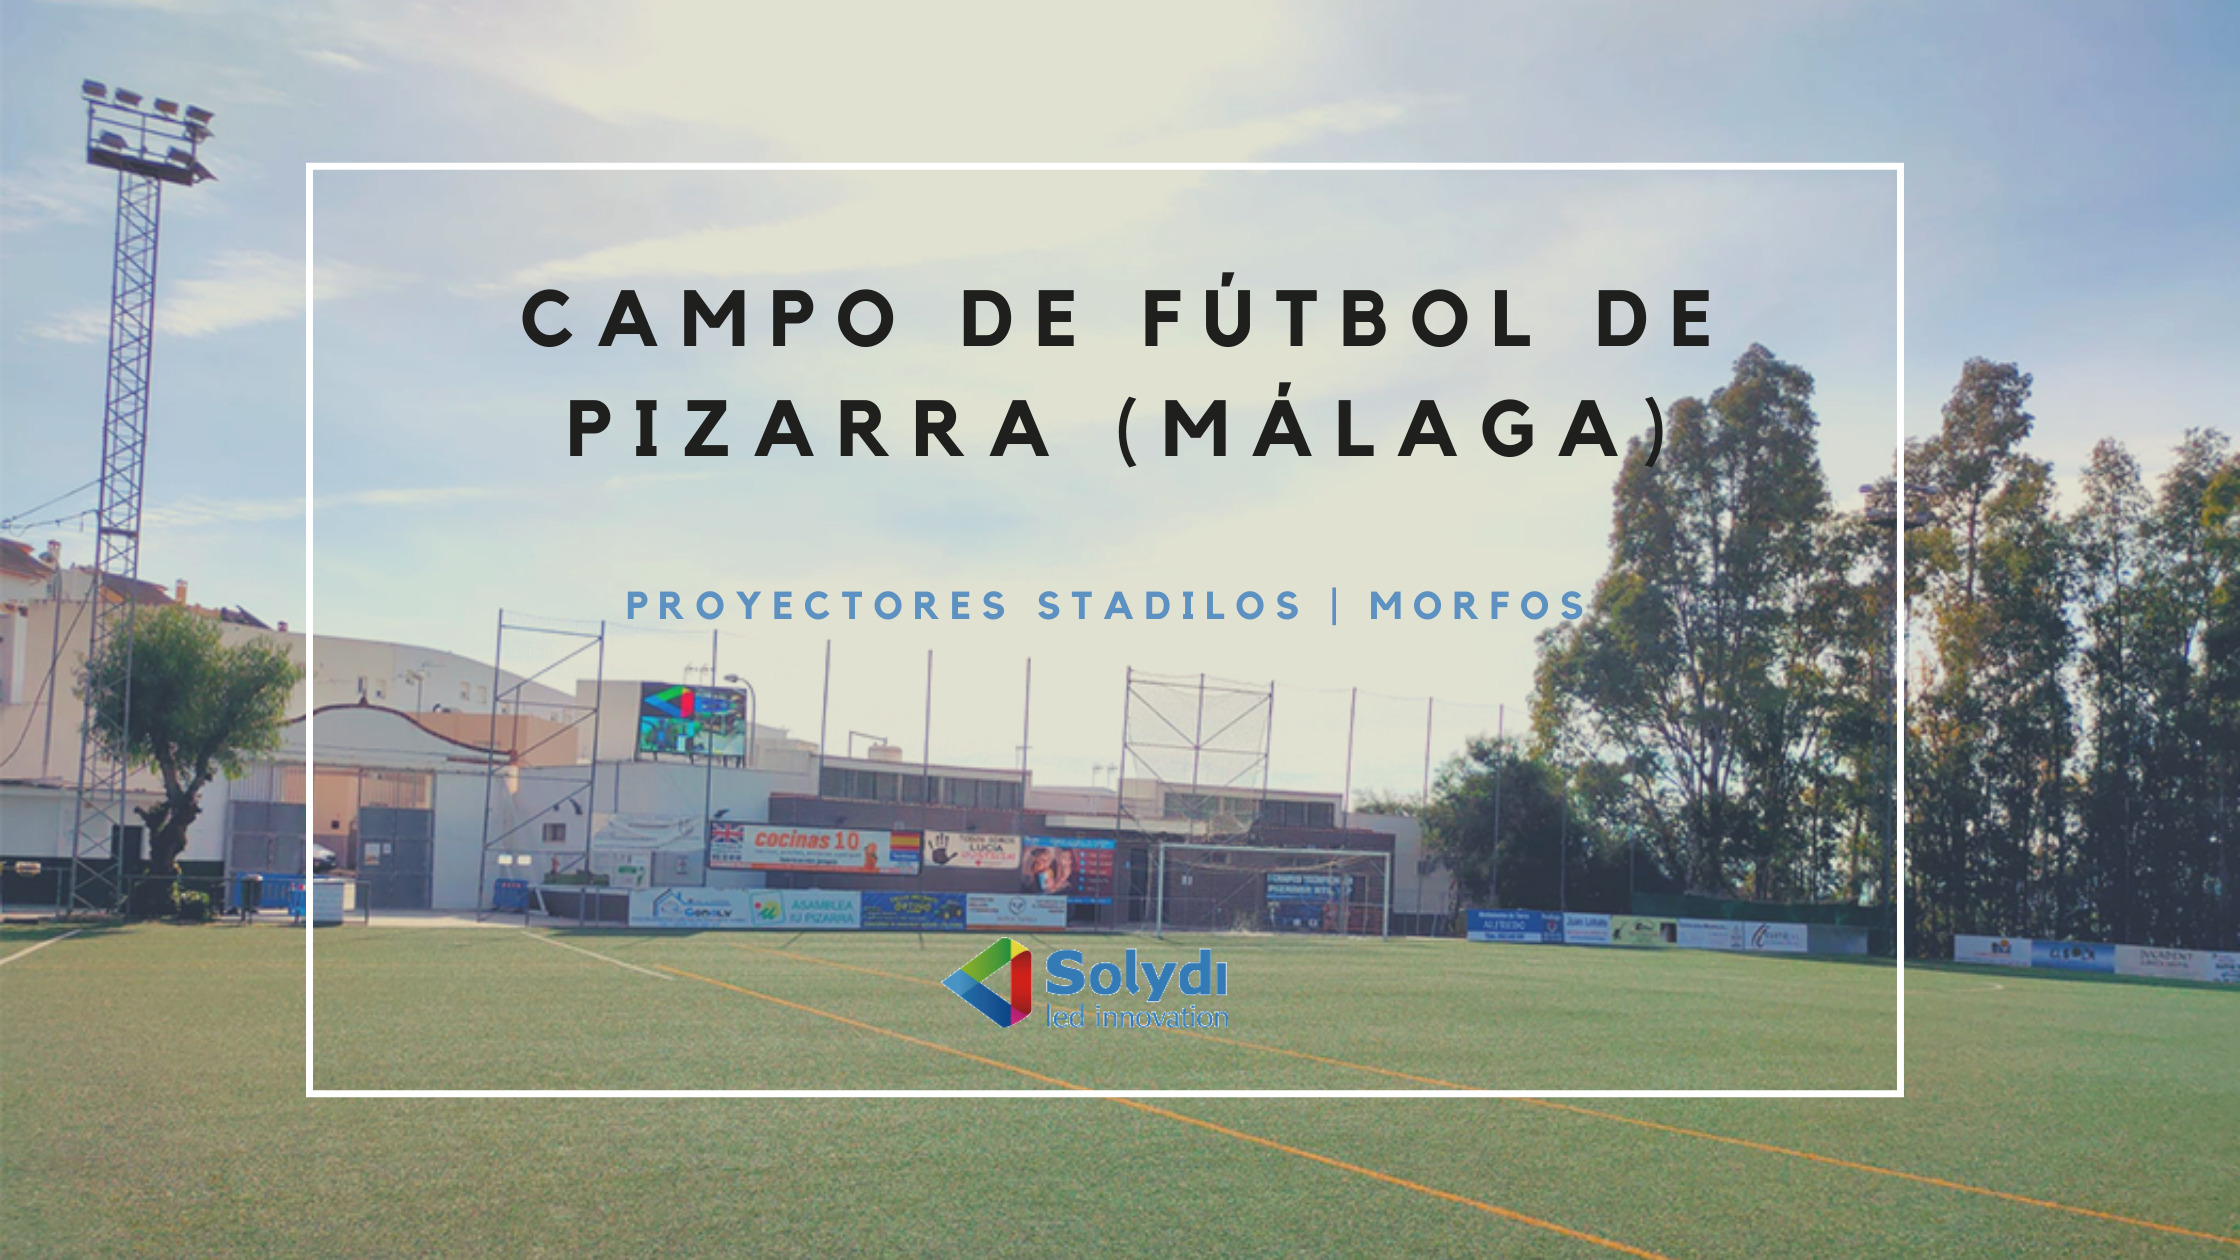 Campo de fútbol de Pizarra (Málaga)